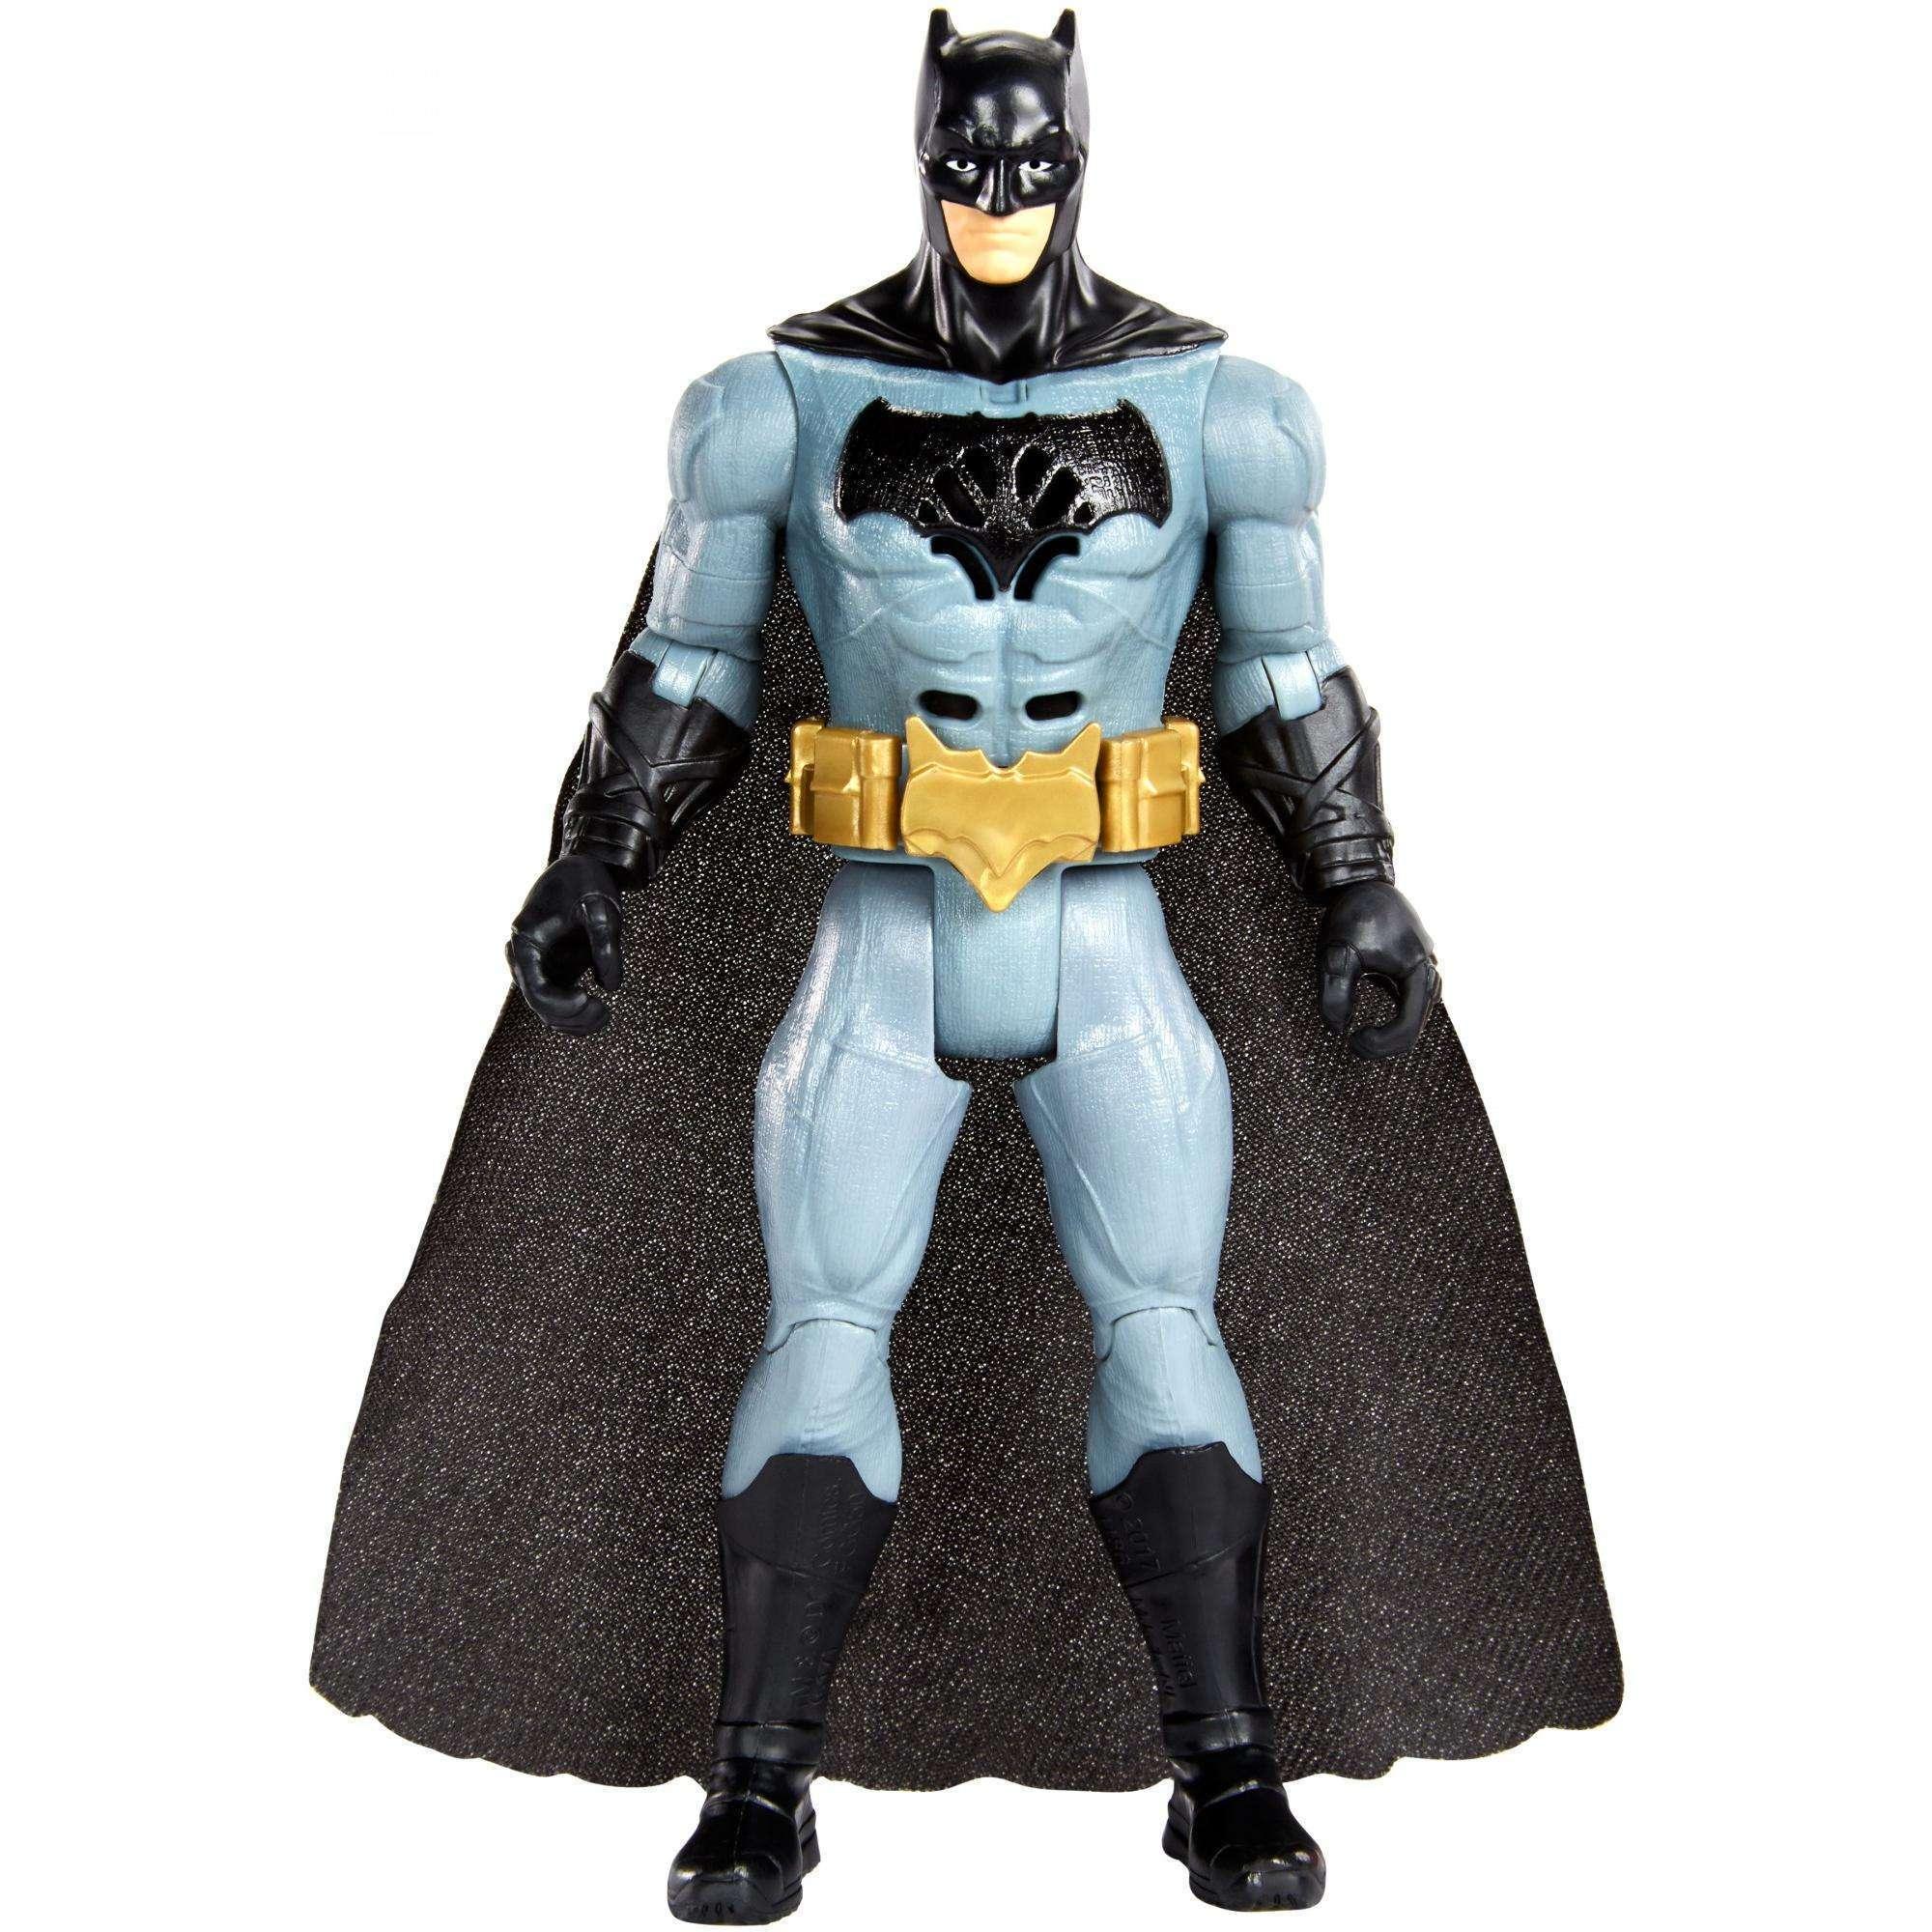 """DC Justice League Talking Heroes Batman 6"""" Figure by Mattel"""